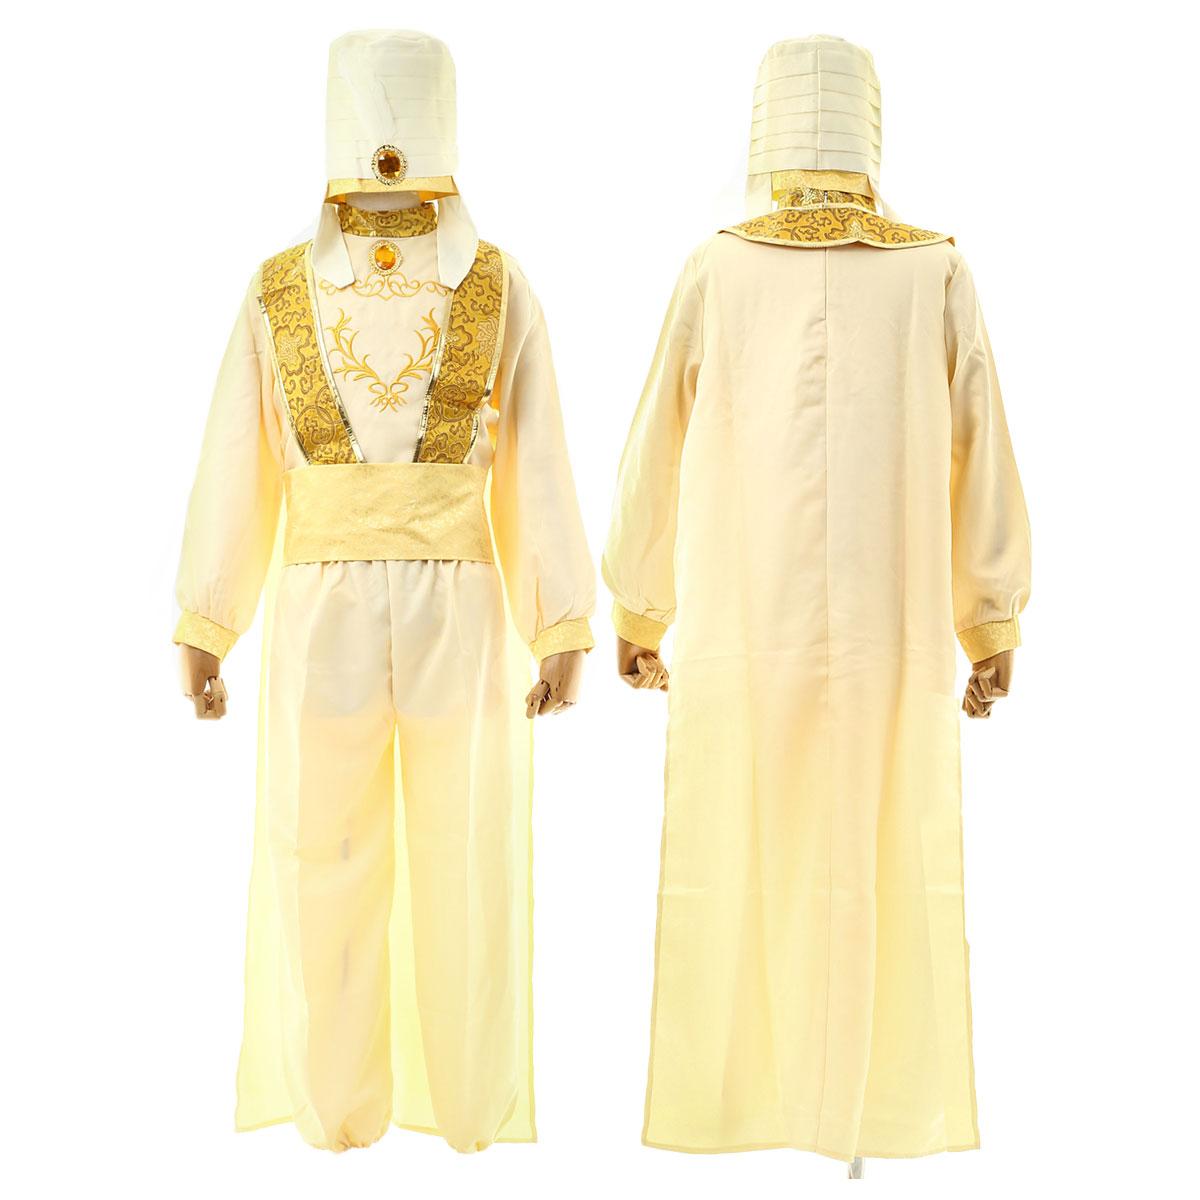 アラジン コスプレ 大人 アラブ 王様 コスチューム ハロウィン アラビアン アリ王子 仮装 衣装